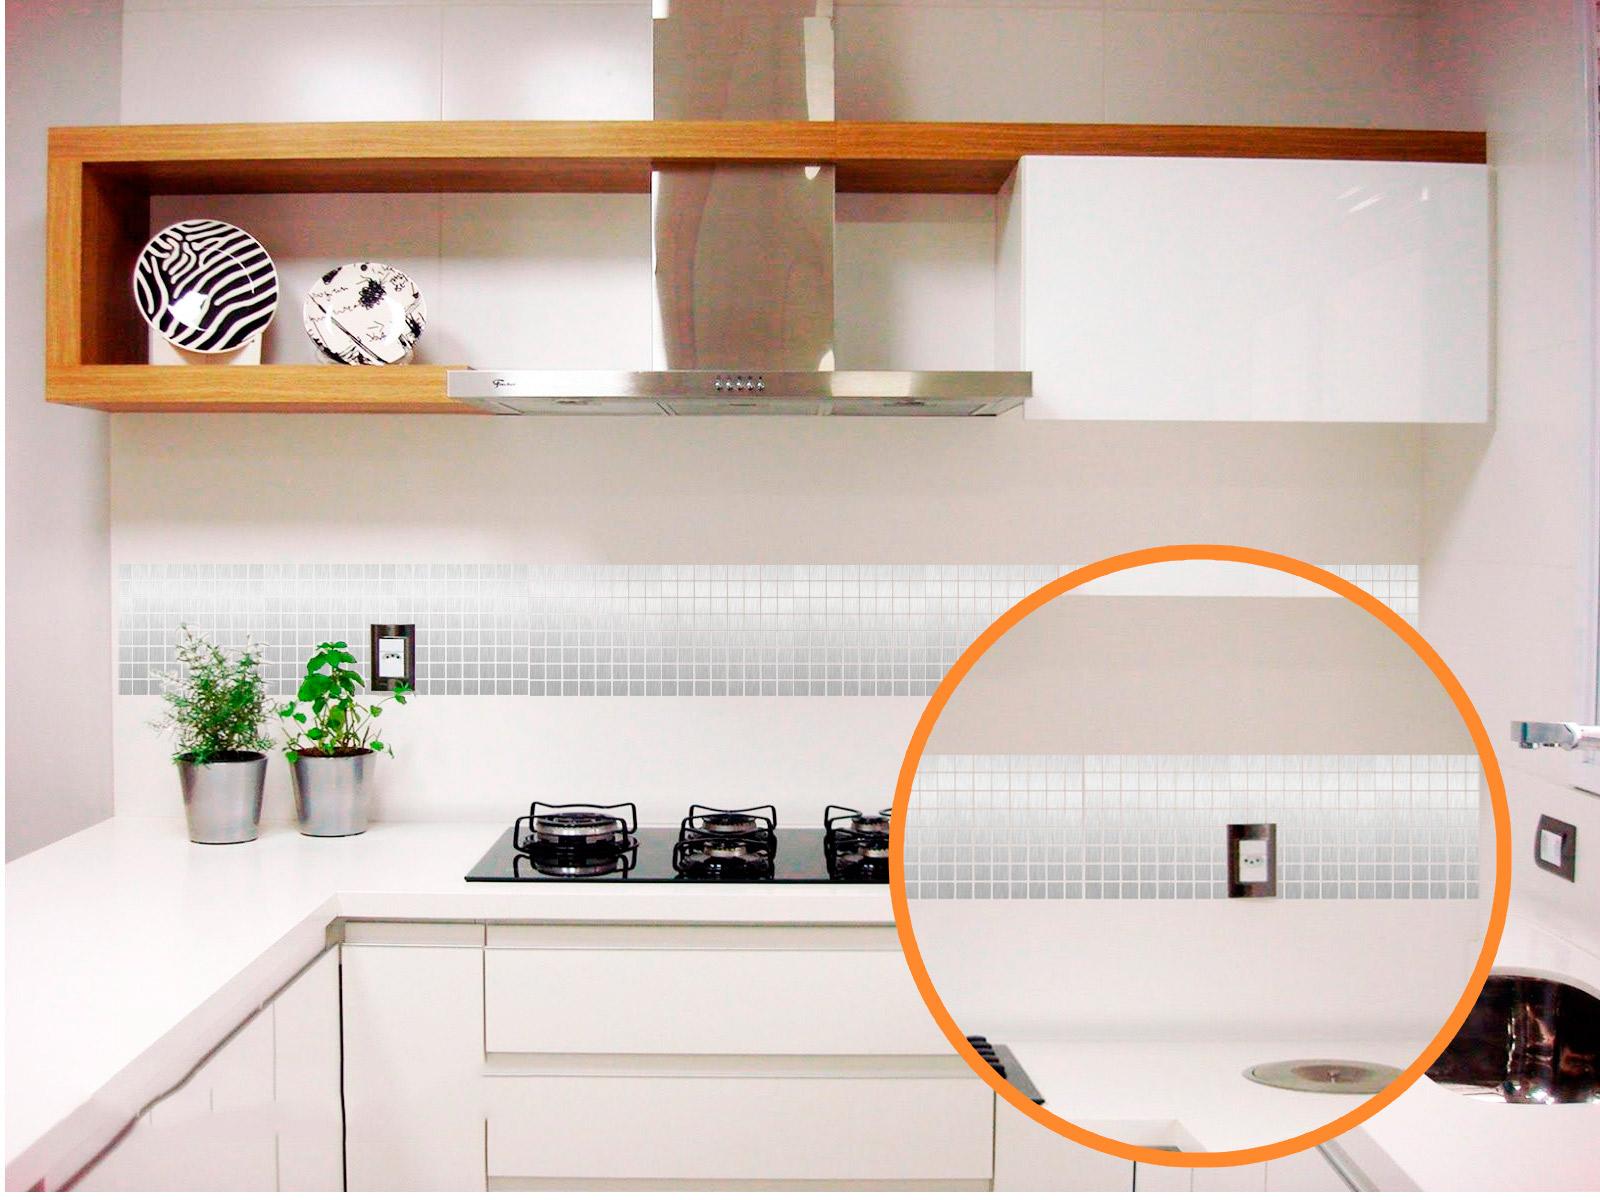 Adesivo Pastilha Aço Escovado Banheiro Cozinha Azulejo 10pcs 23 x 23 cm